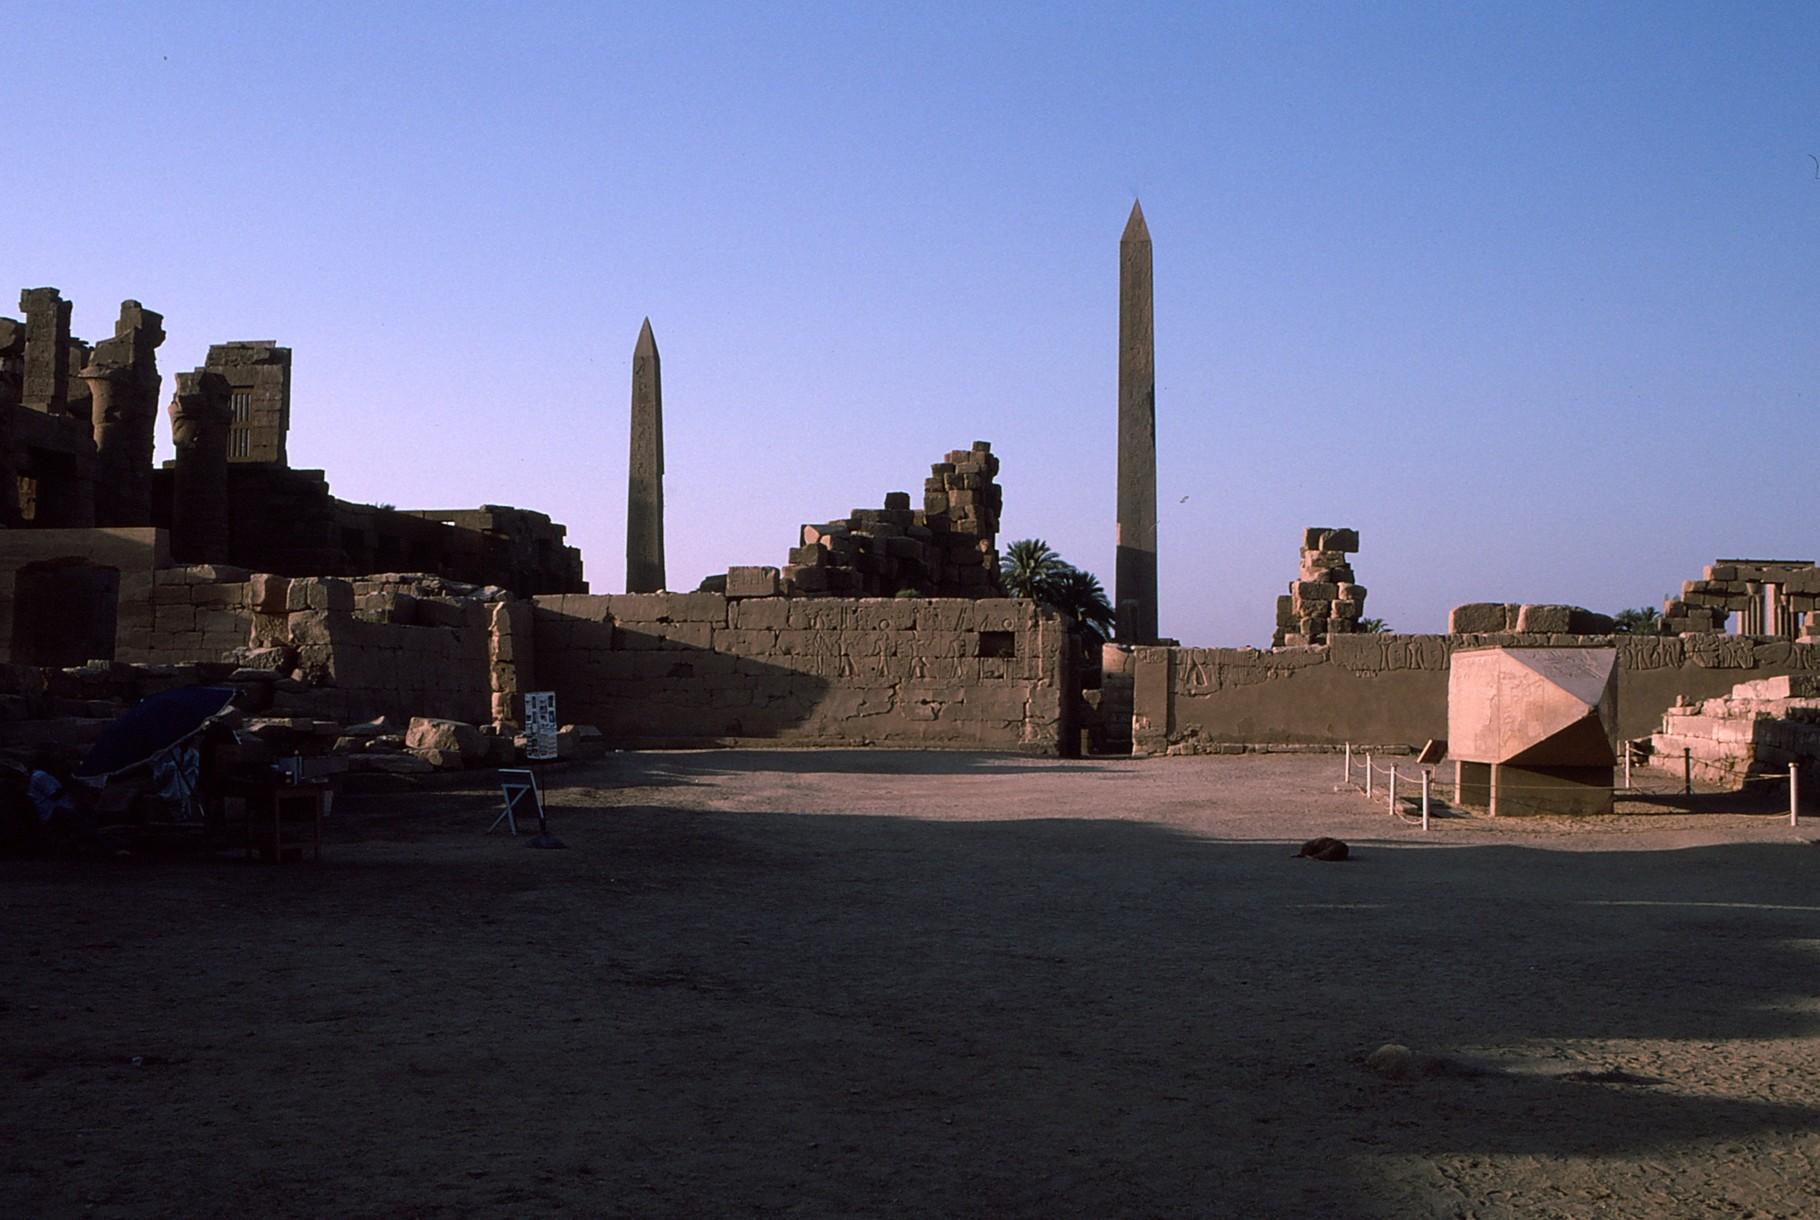 倒壊した尖塔もある(右下)